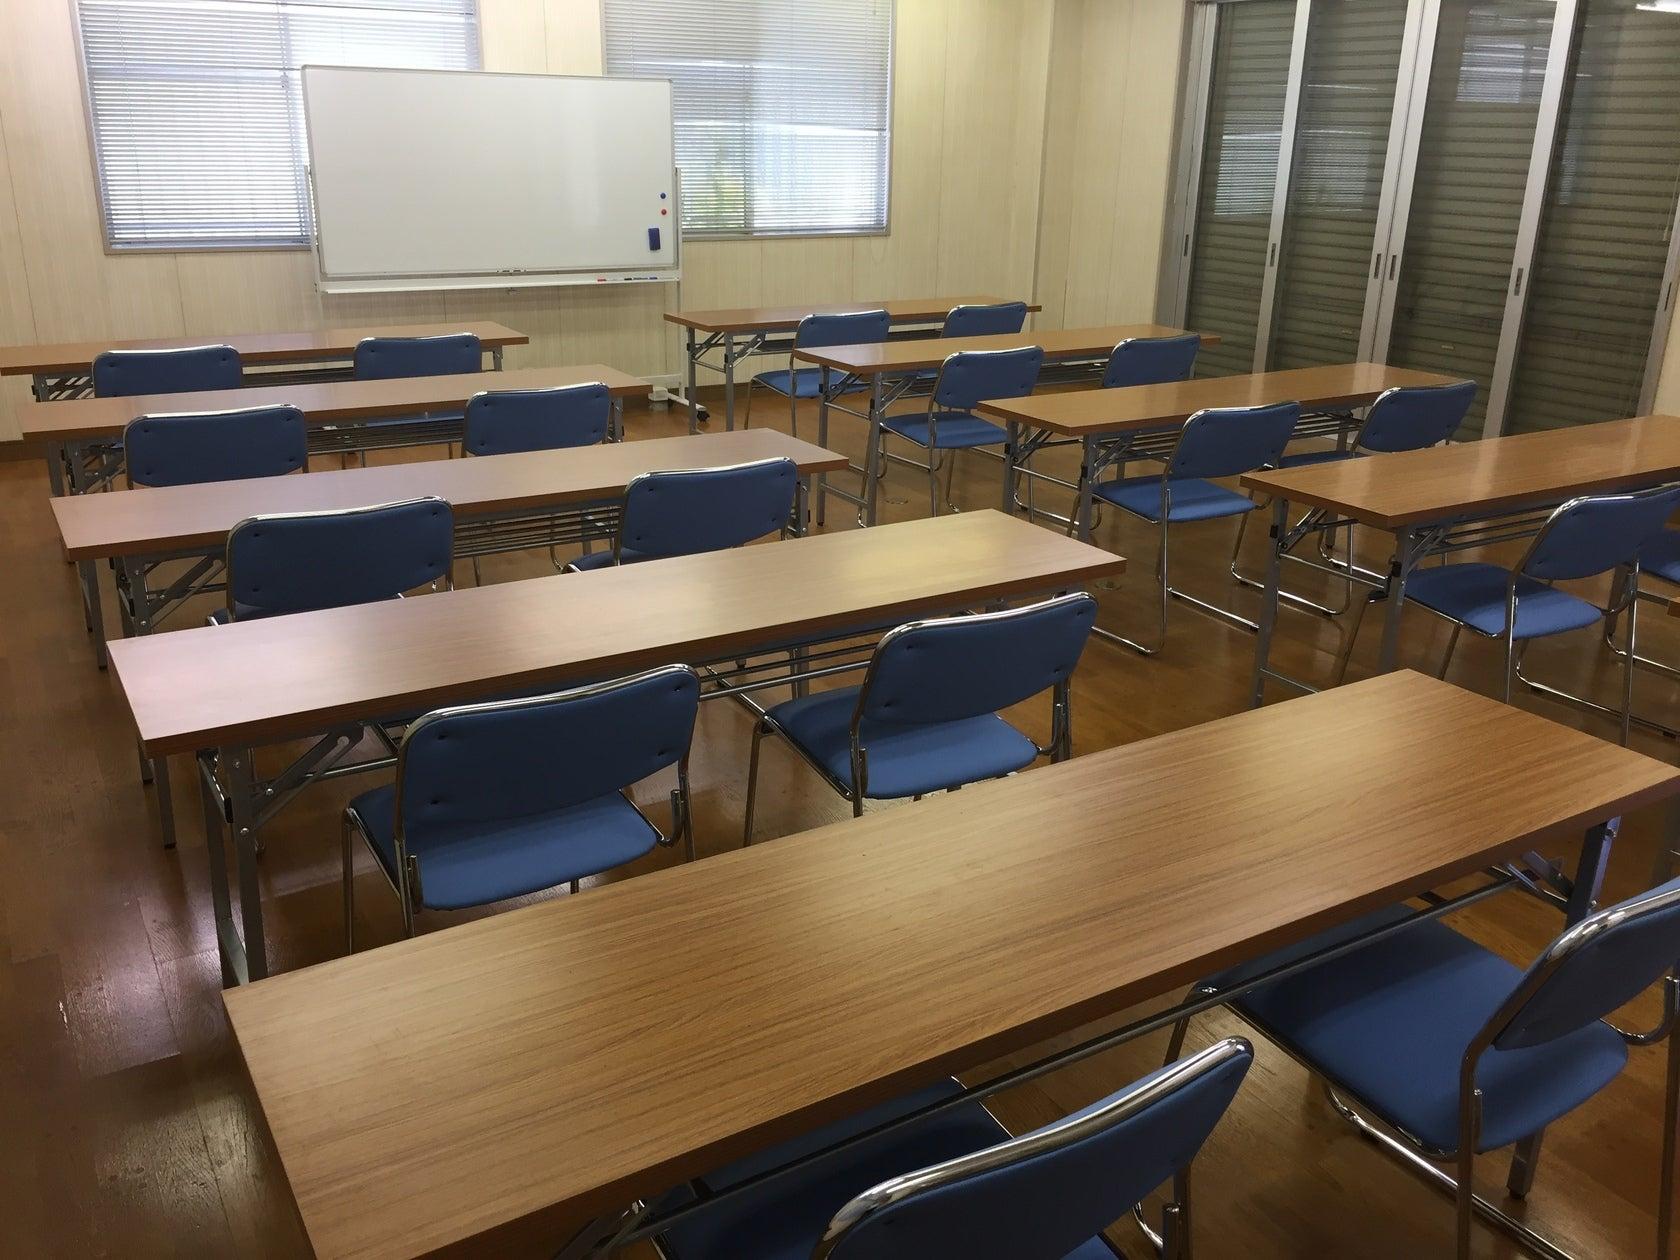 【山科区広見町】ゆったり広々の合計127㎡!会議やセミナー・教室にも最適空間です! の写真